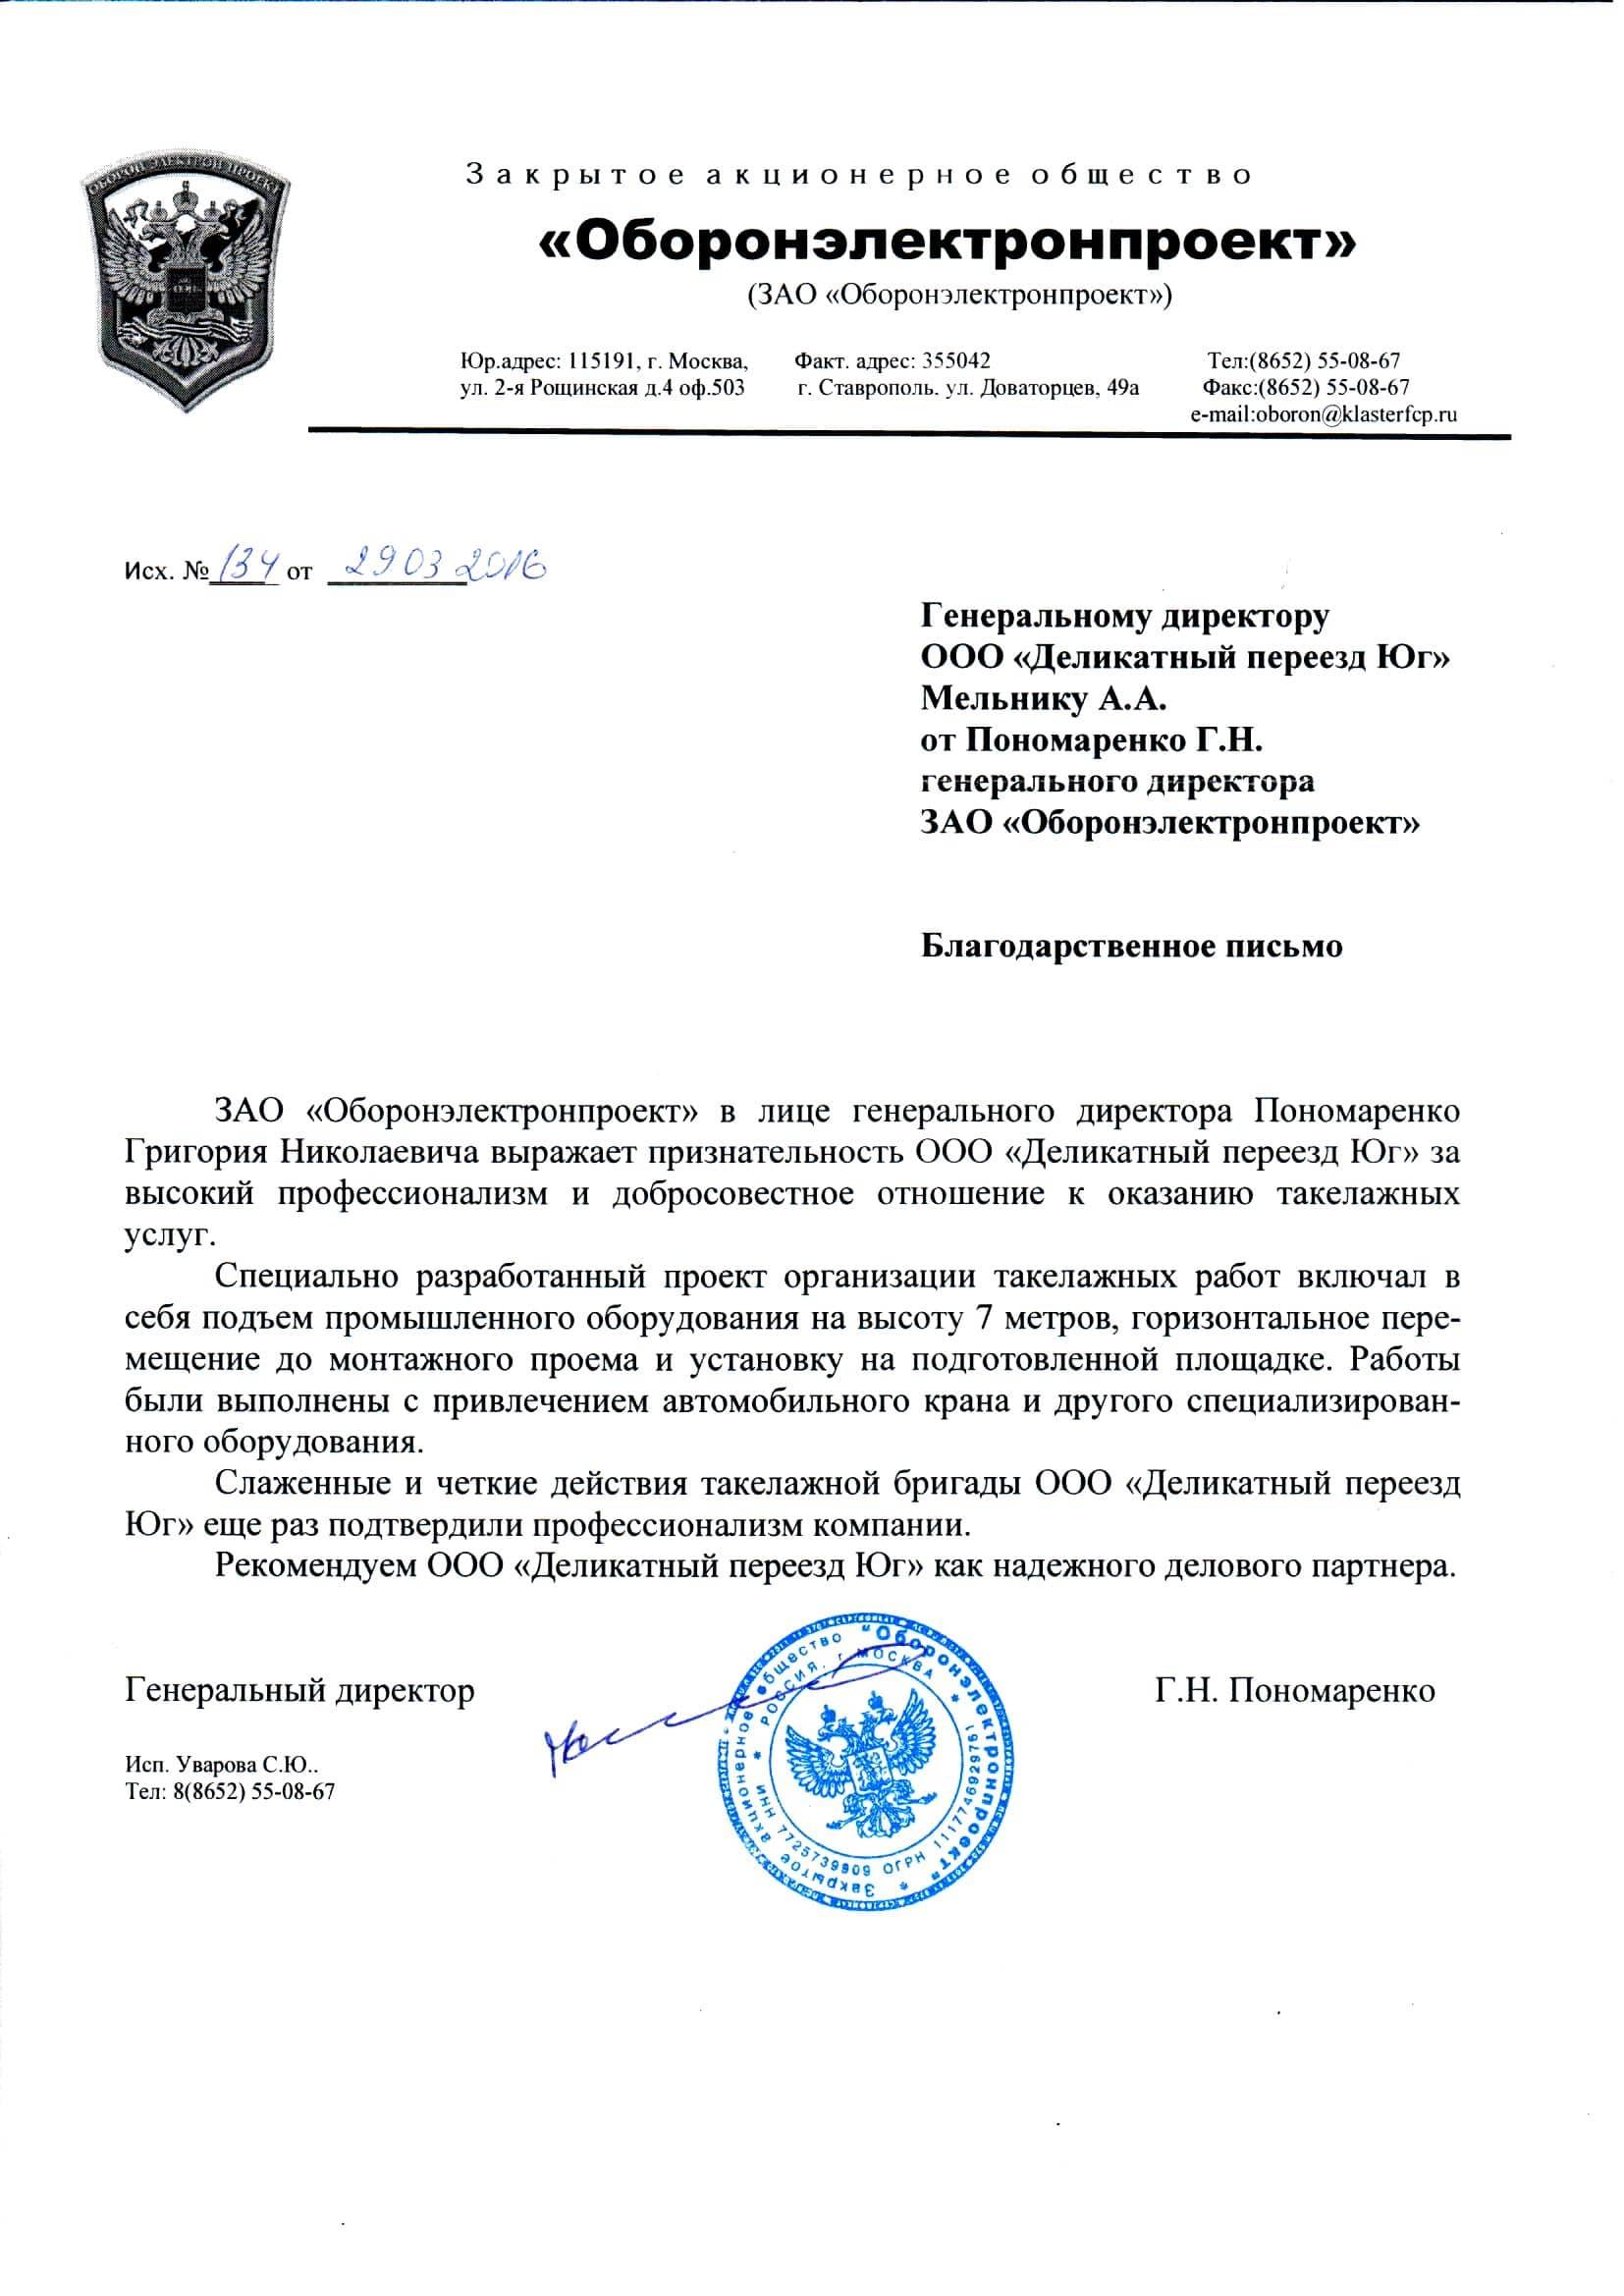 Благодарственное письмо от ЗАО «Оборонэлектронпроект»